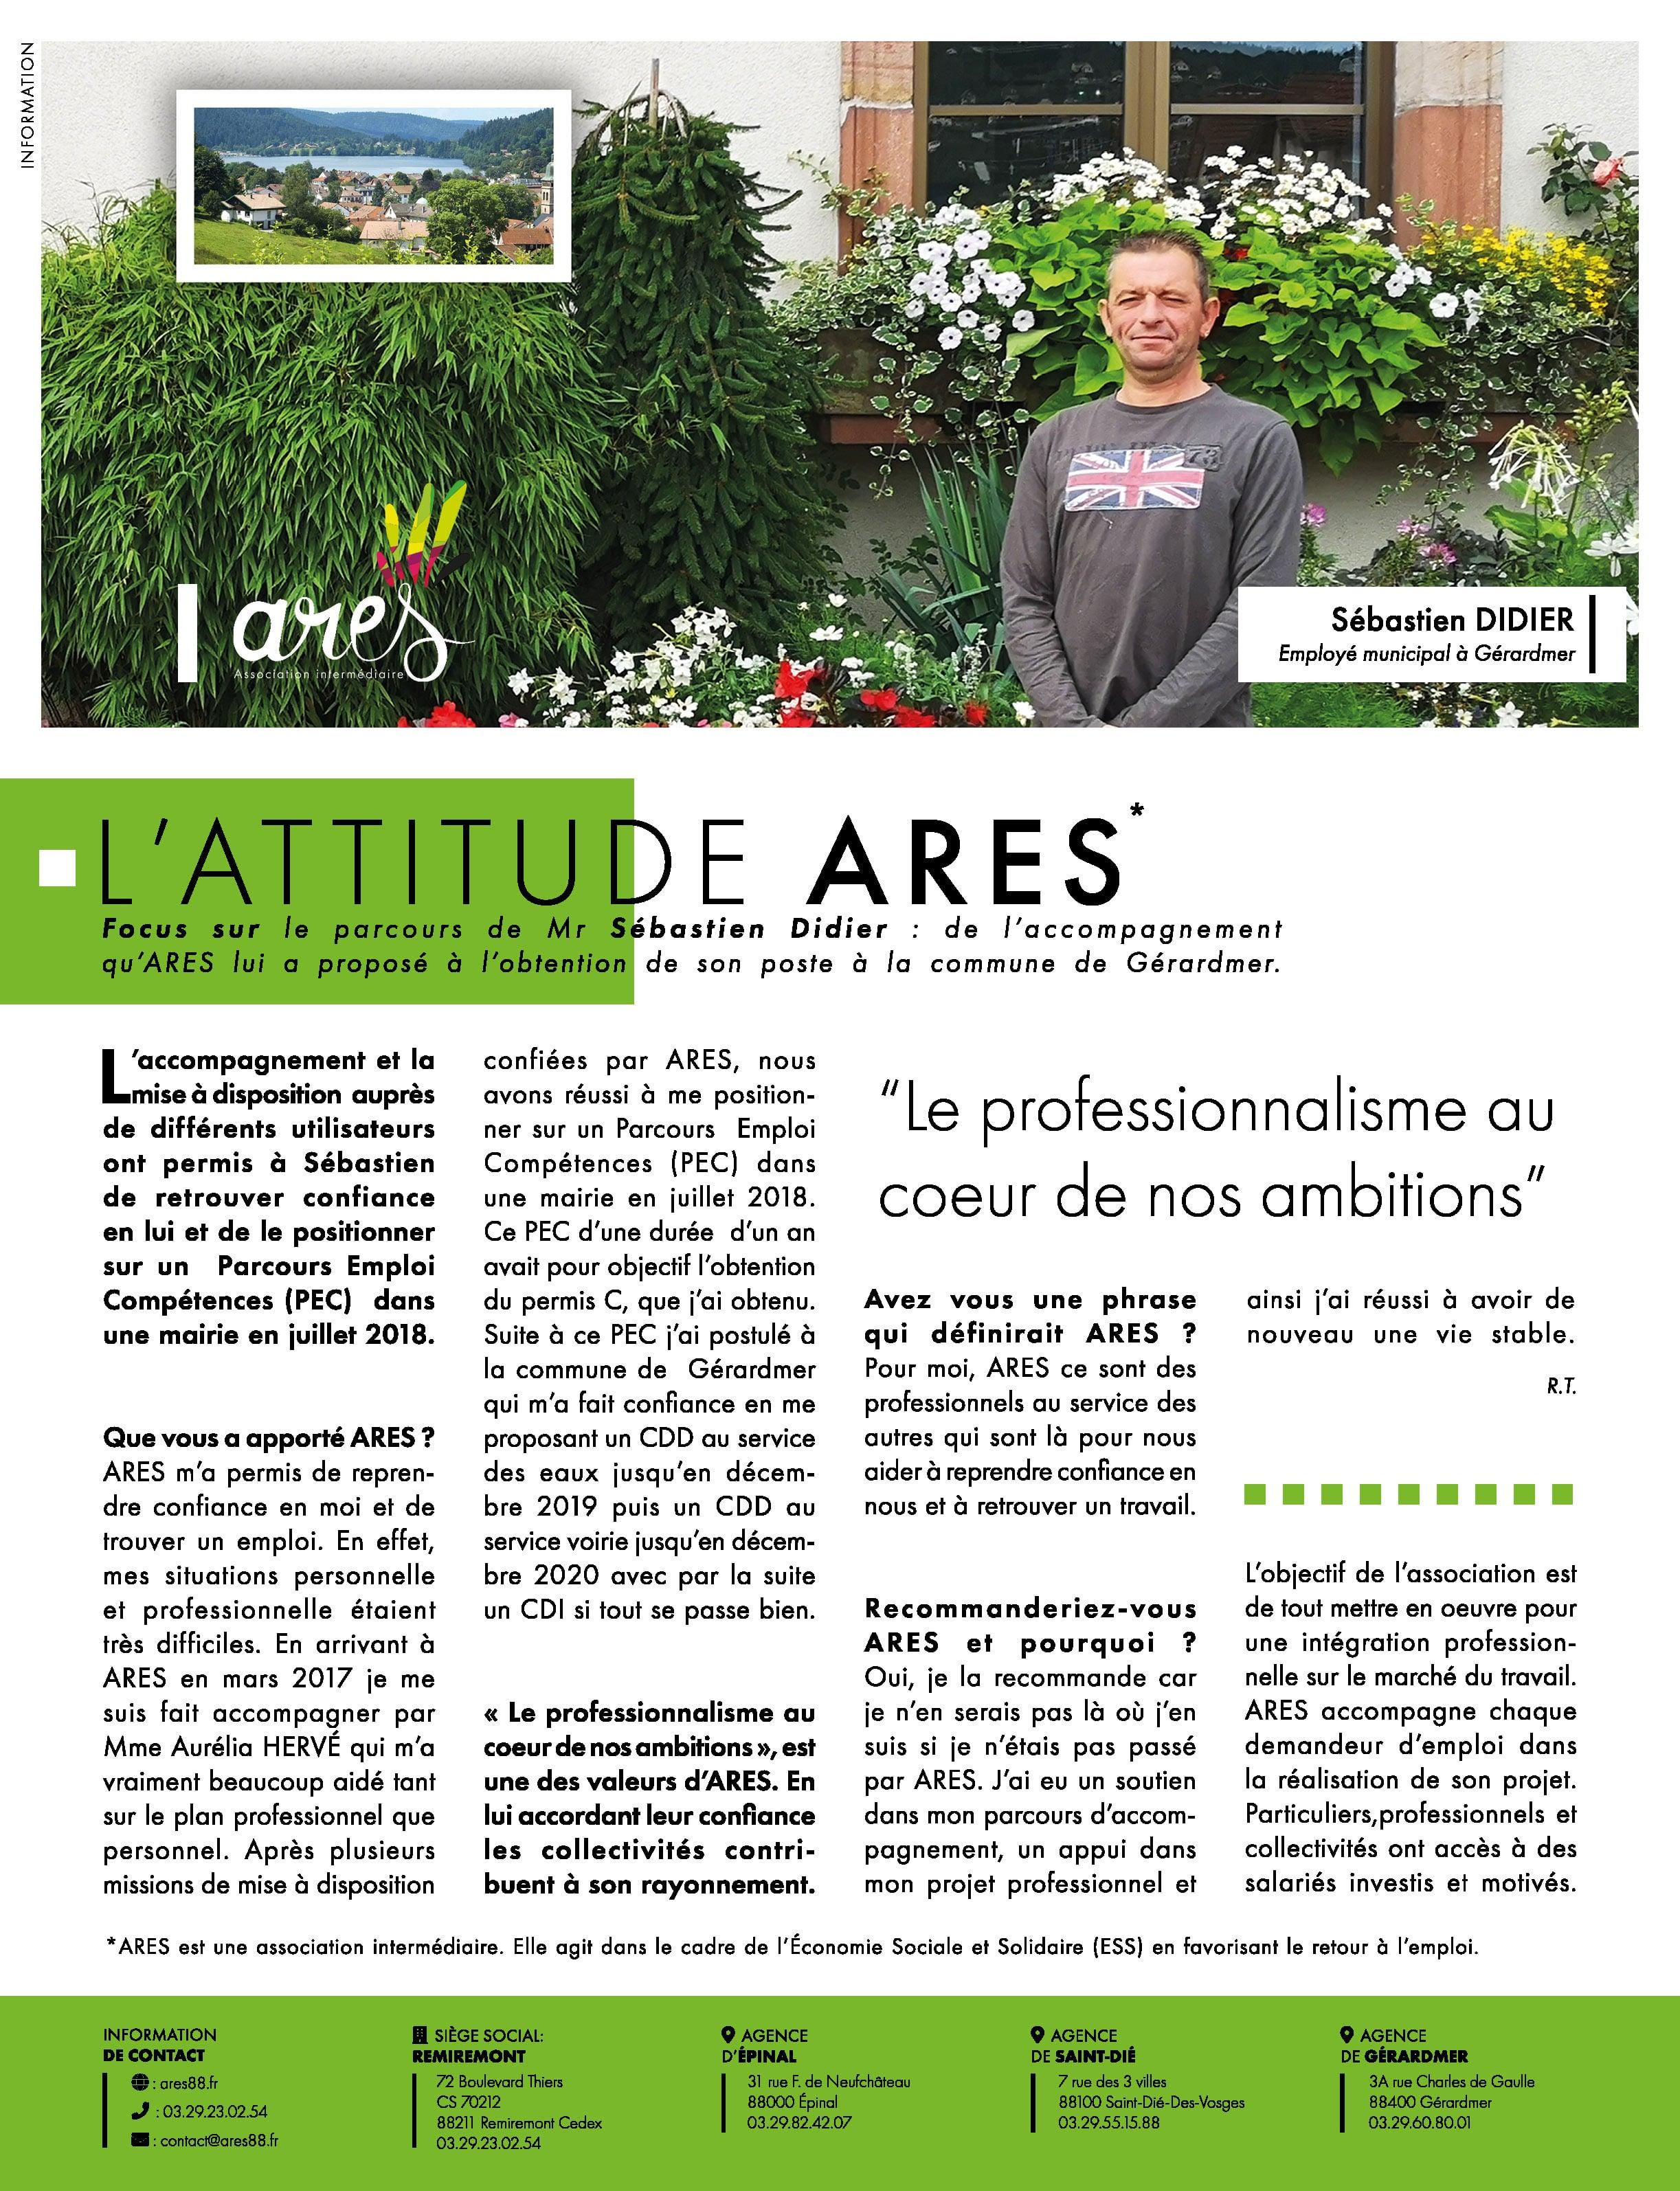 Création d'article de presse - ARES - Vosges - 100% Vosges